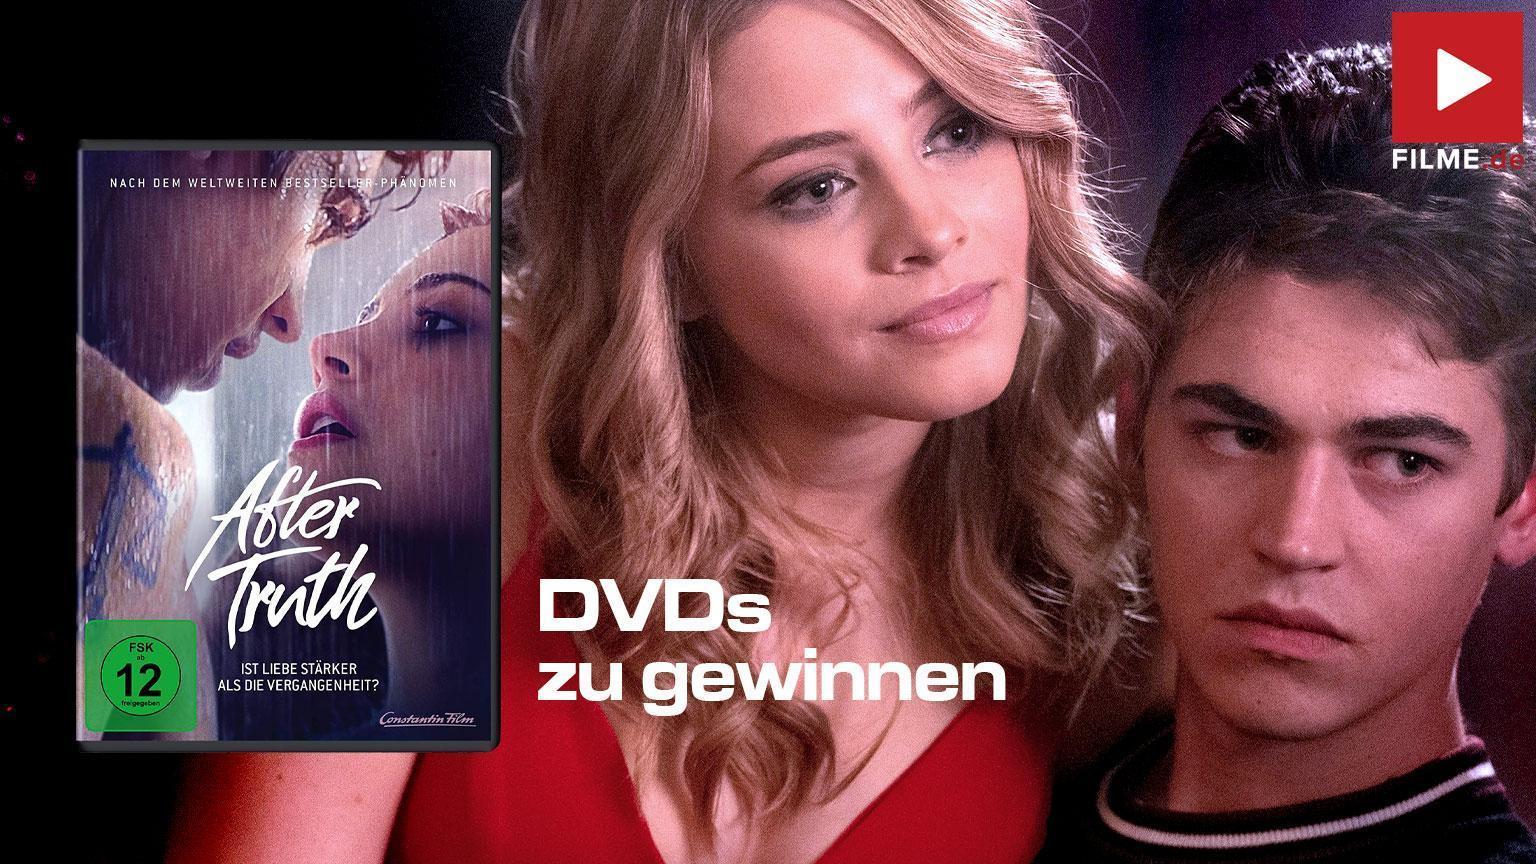 After Truth Film 2021 Gewinnspiel gewinnen DVD Blu-ray Artikelbild